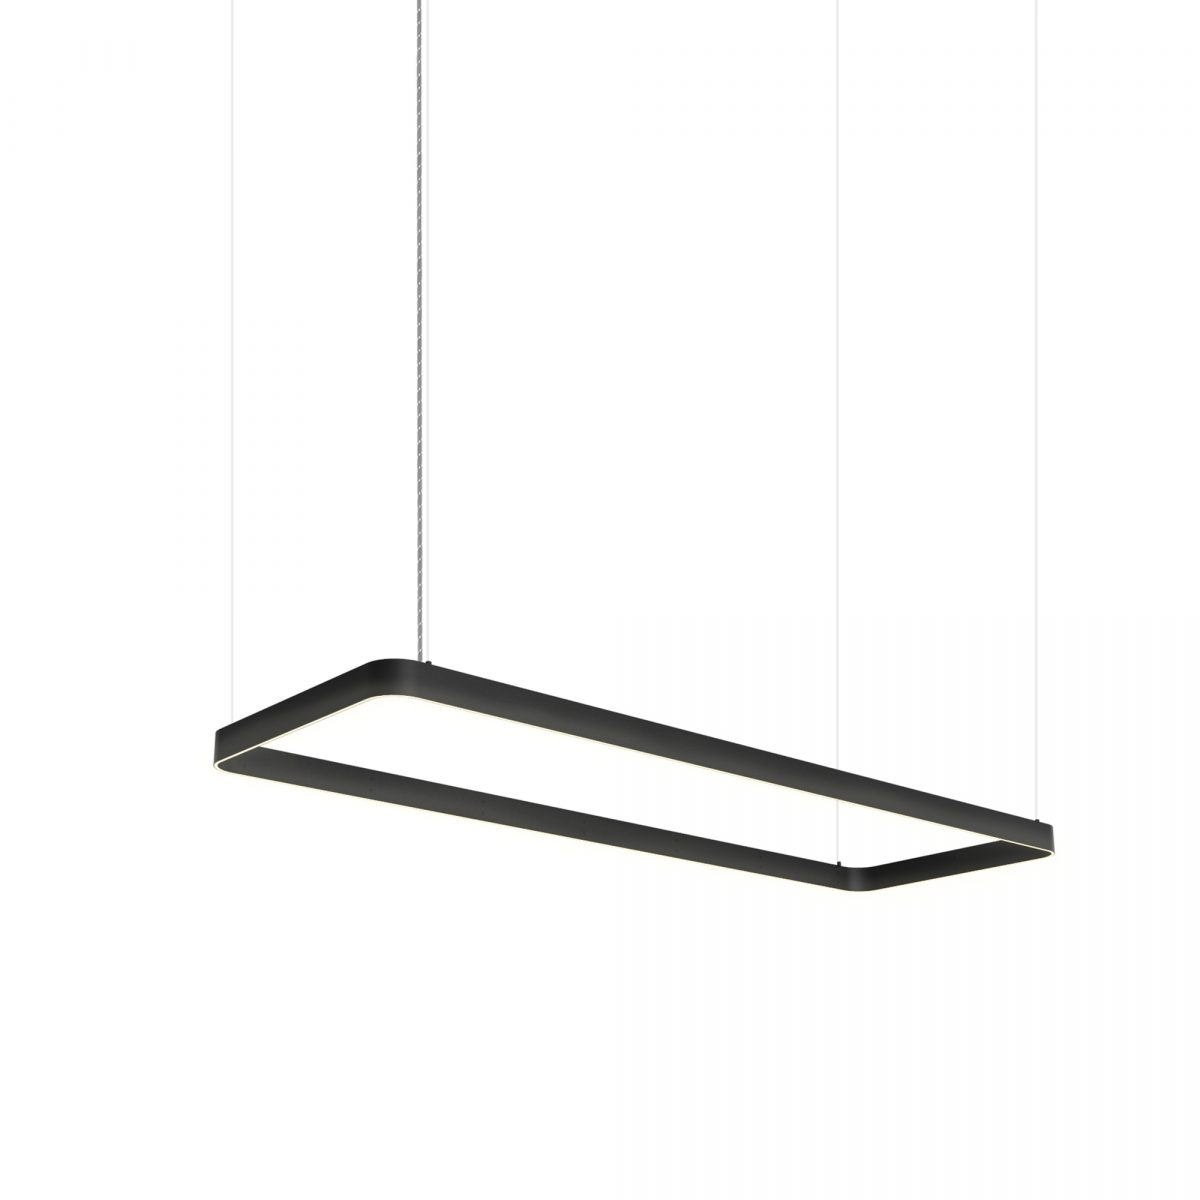 JSPR Eden 50×150 Black Rectangle